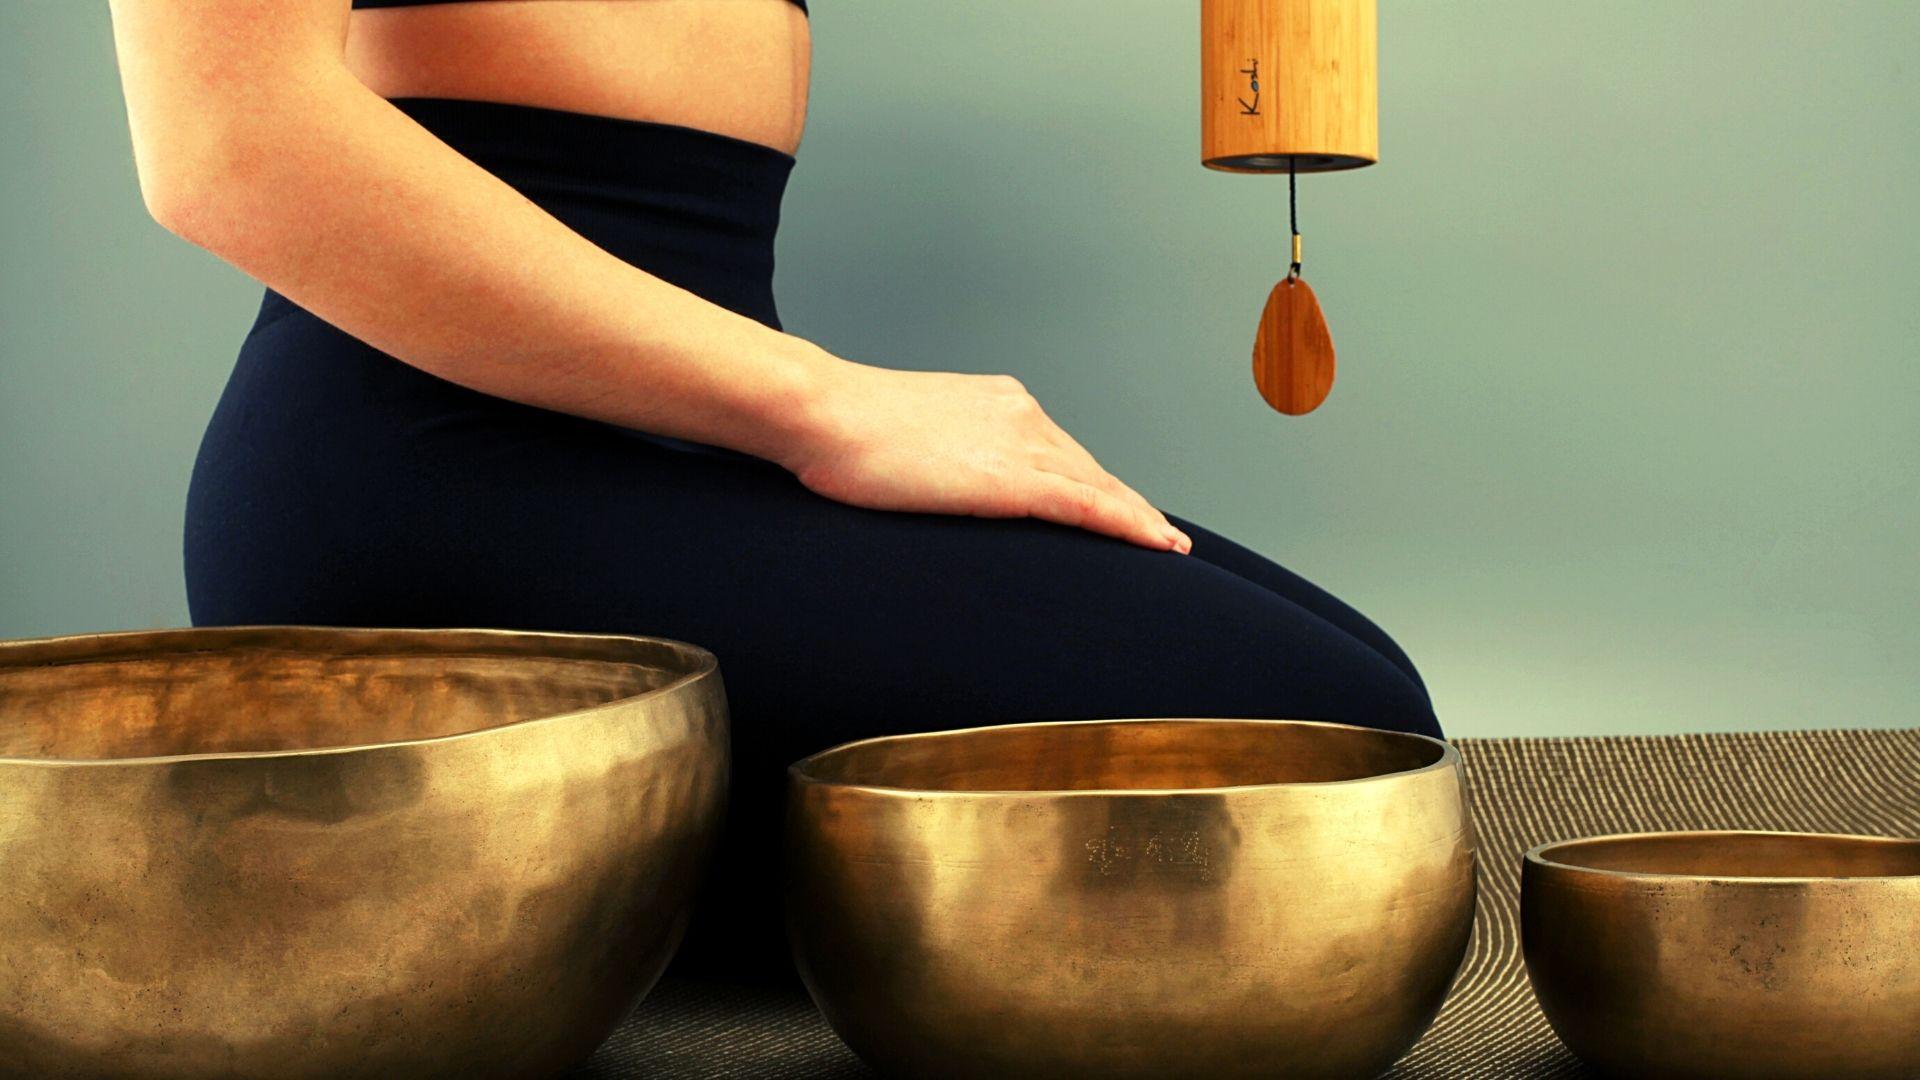 arte allegro - baño sonoro - cuencos tibetanos - escuela de música online